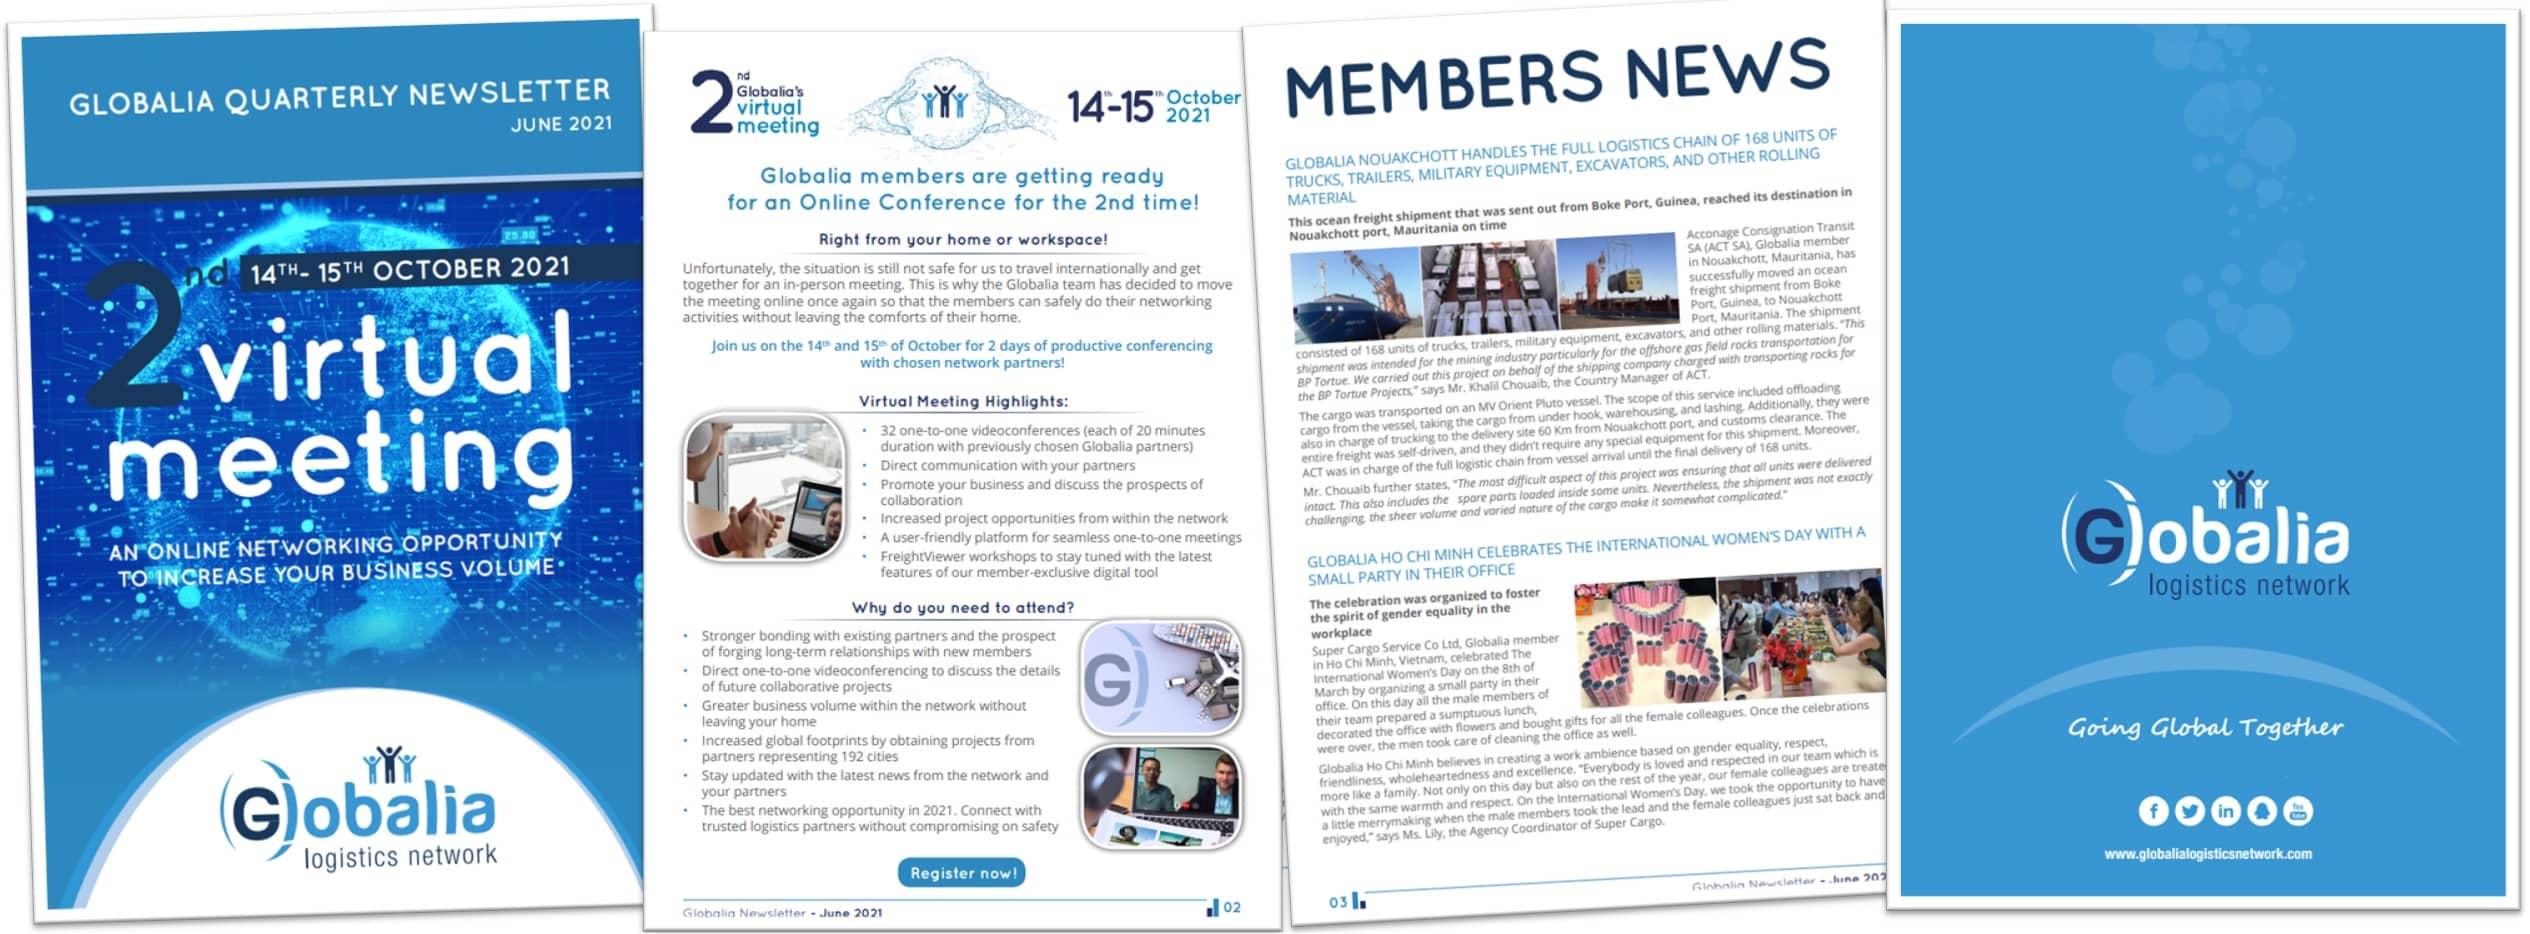 Globalia's June Newsletter